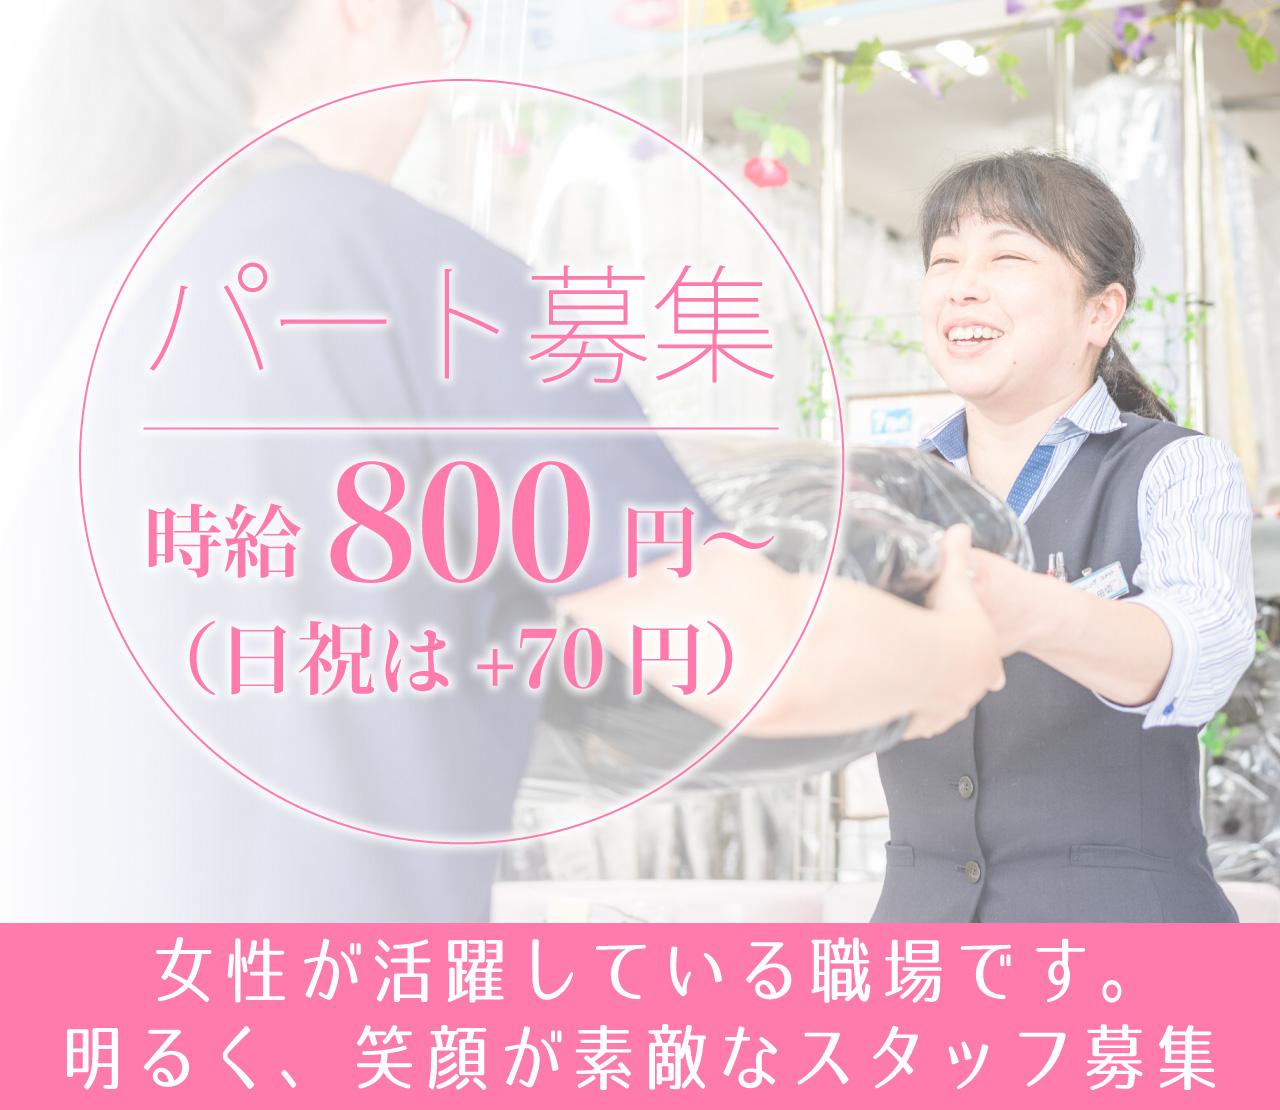 パート募集 時給 800円~(日祝は+70円) 女性が活躍している職場です。明るく、笑顔が素敵なスタッフ募集